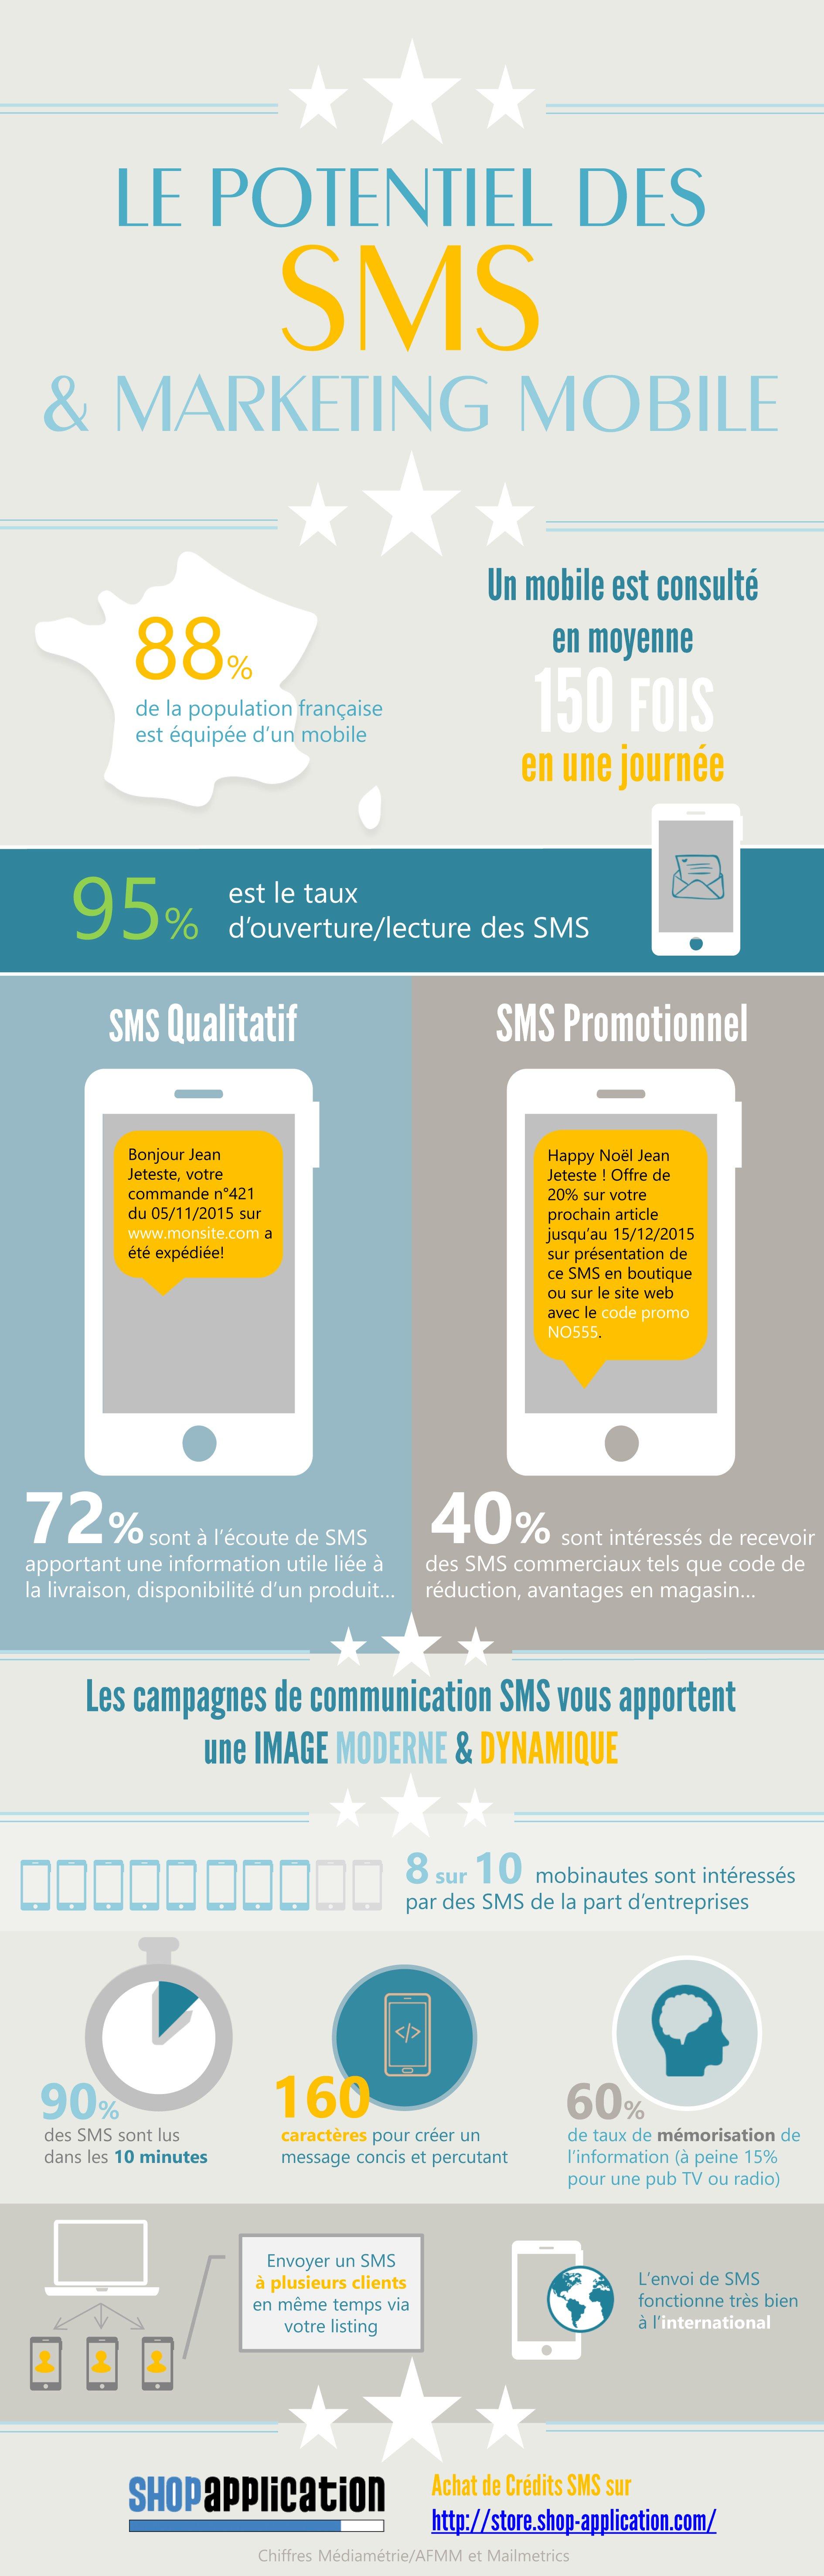 Infographie et chiffres clés sur le potentiel des SMS et marketing Mobile avec Shop Application